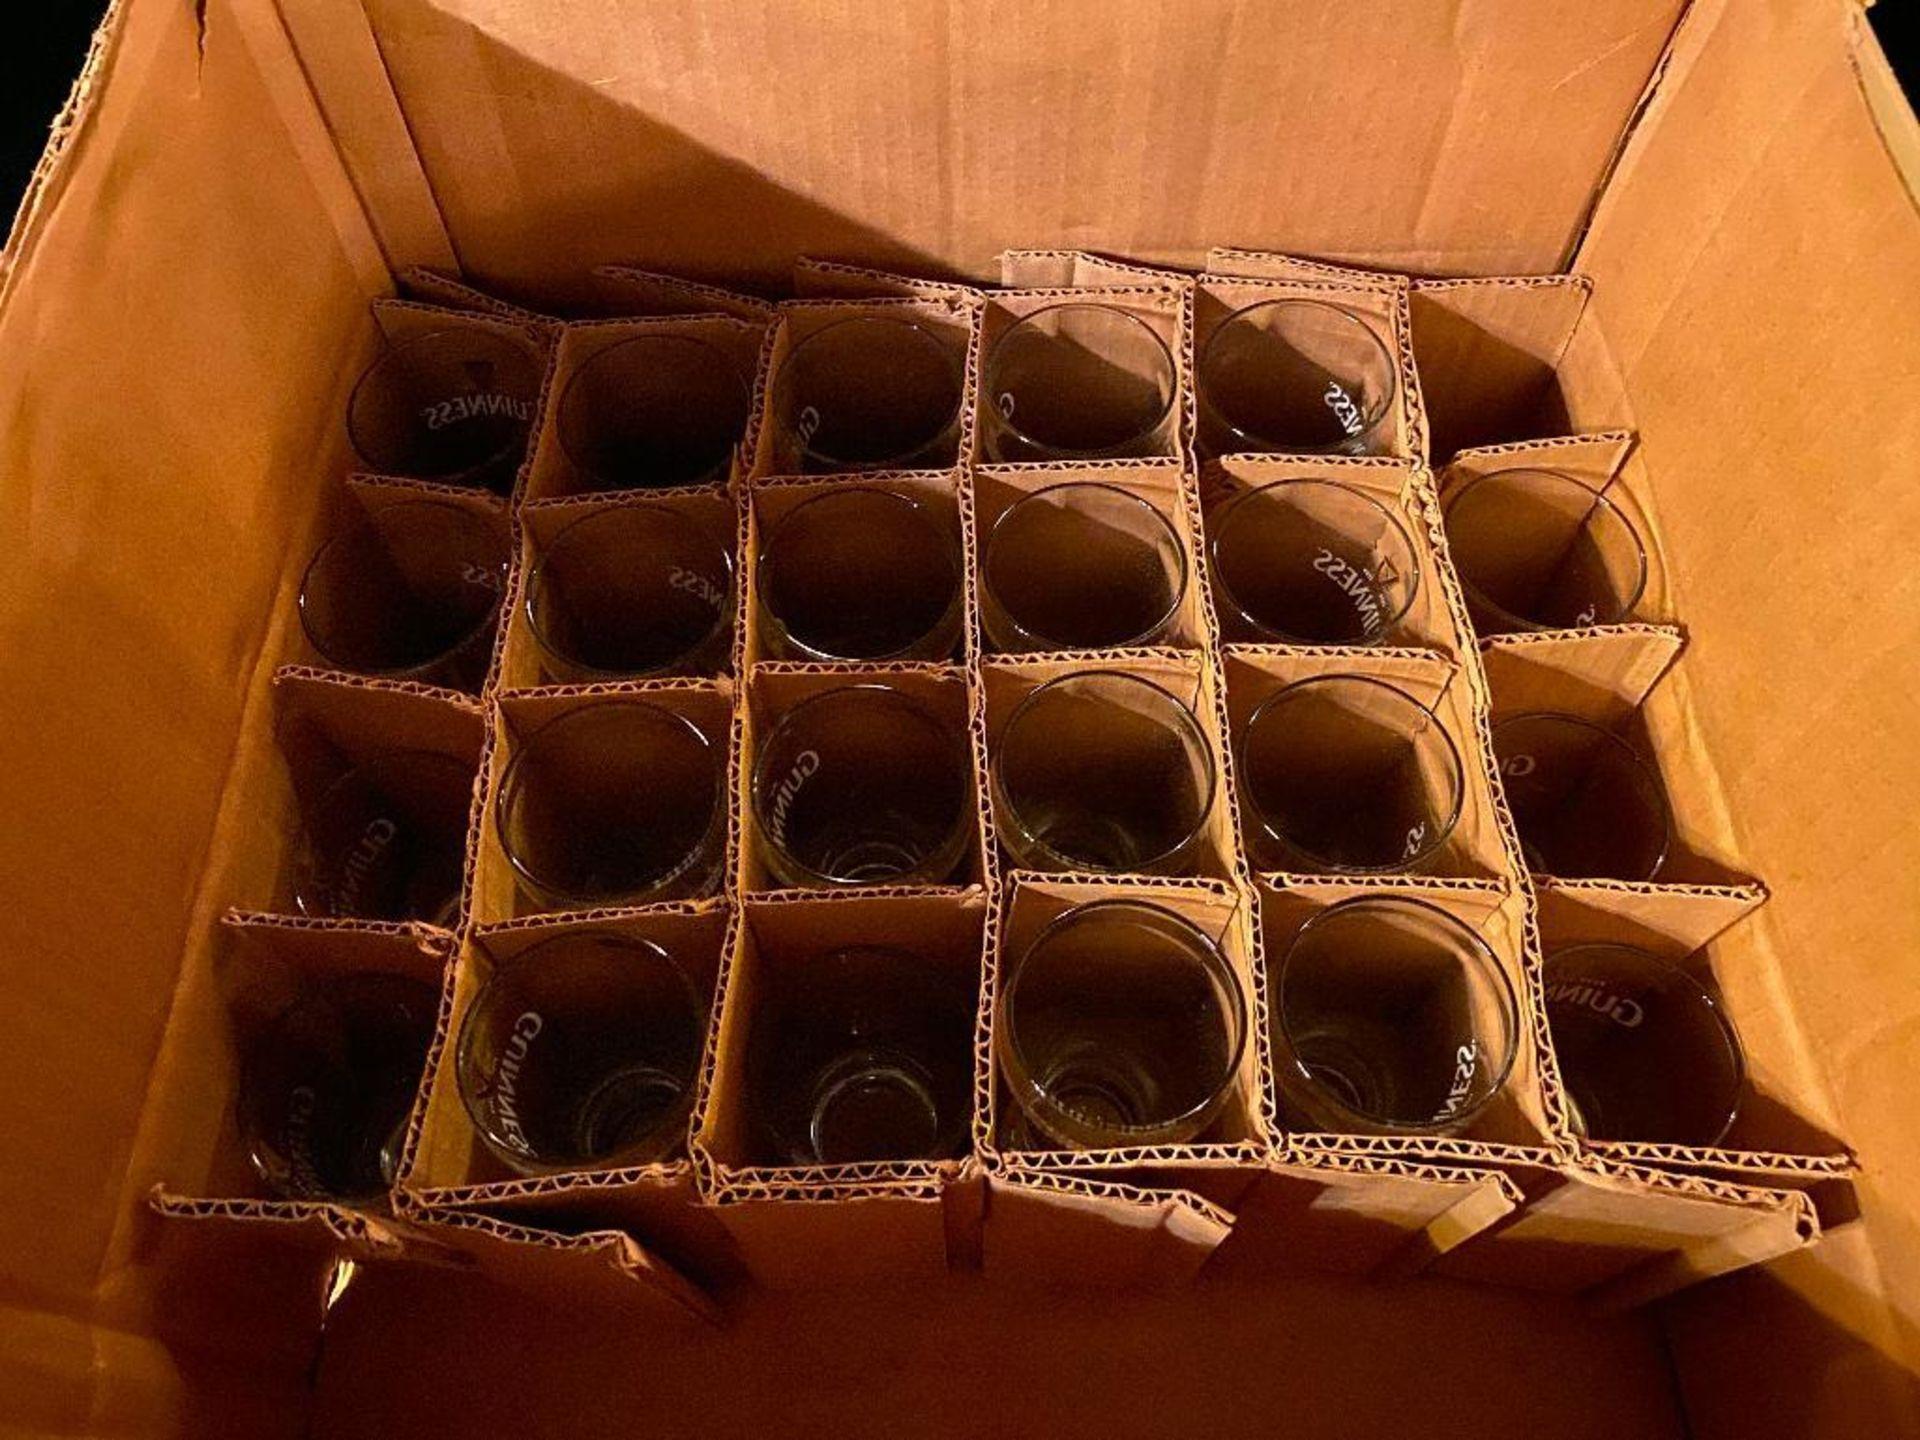 LOT OF (20) MINI GUINNESS GLASSES - Image 2 of 2